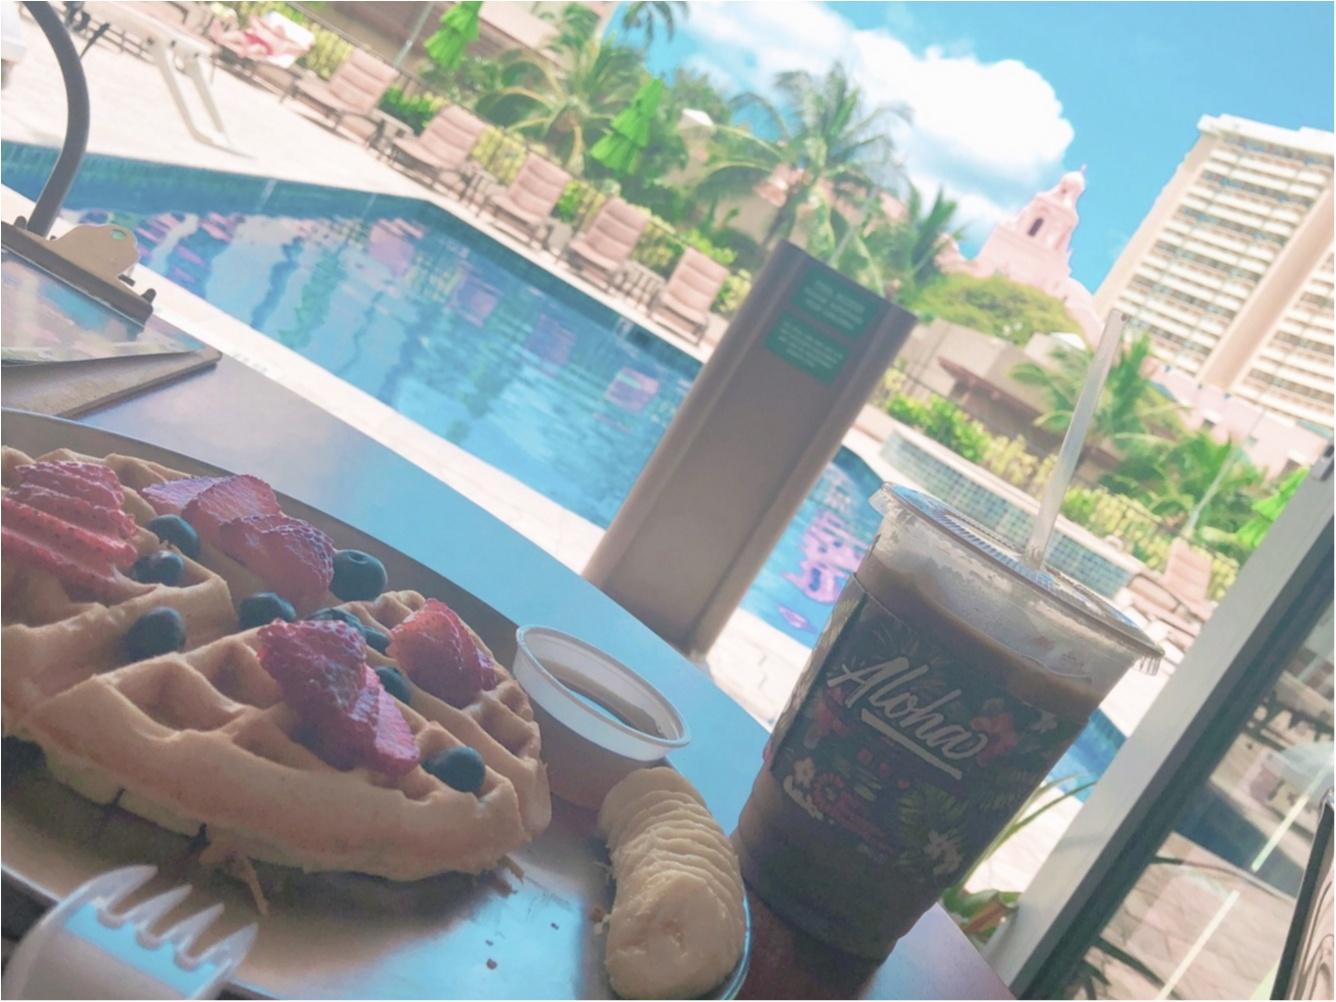 【Hawaii】おすすめ隠れ家カフェをご紹介します!!美味しいワッフルと内装が可愛いすぎる♡♡インスタ映えするフォトスペースも!?_10